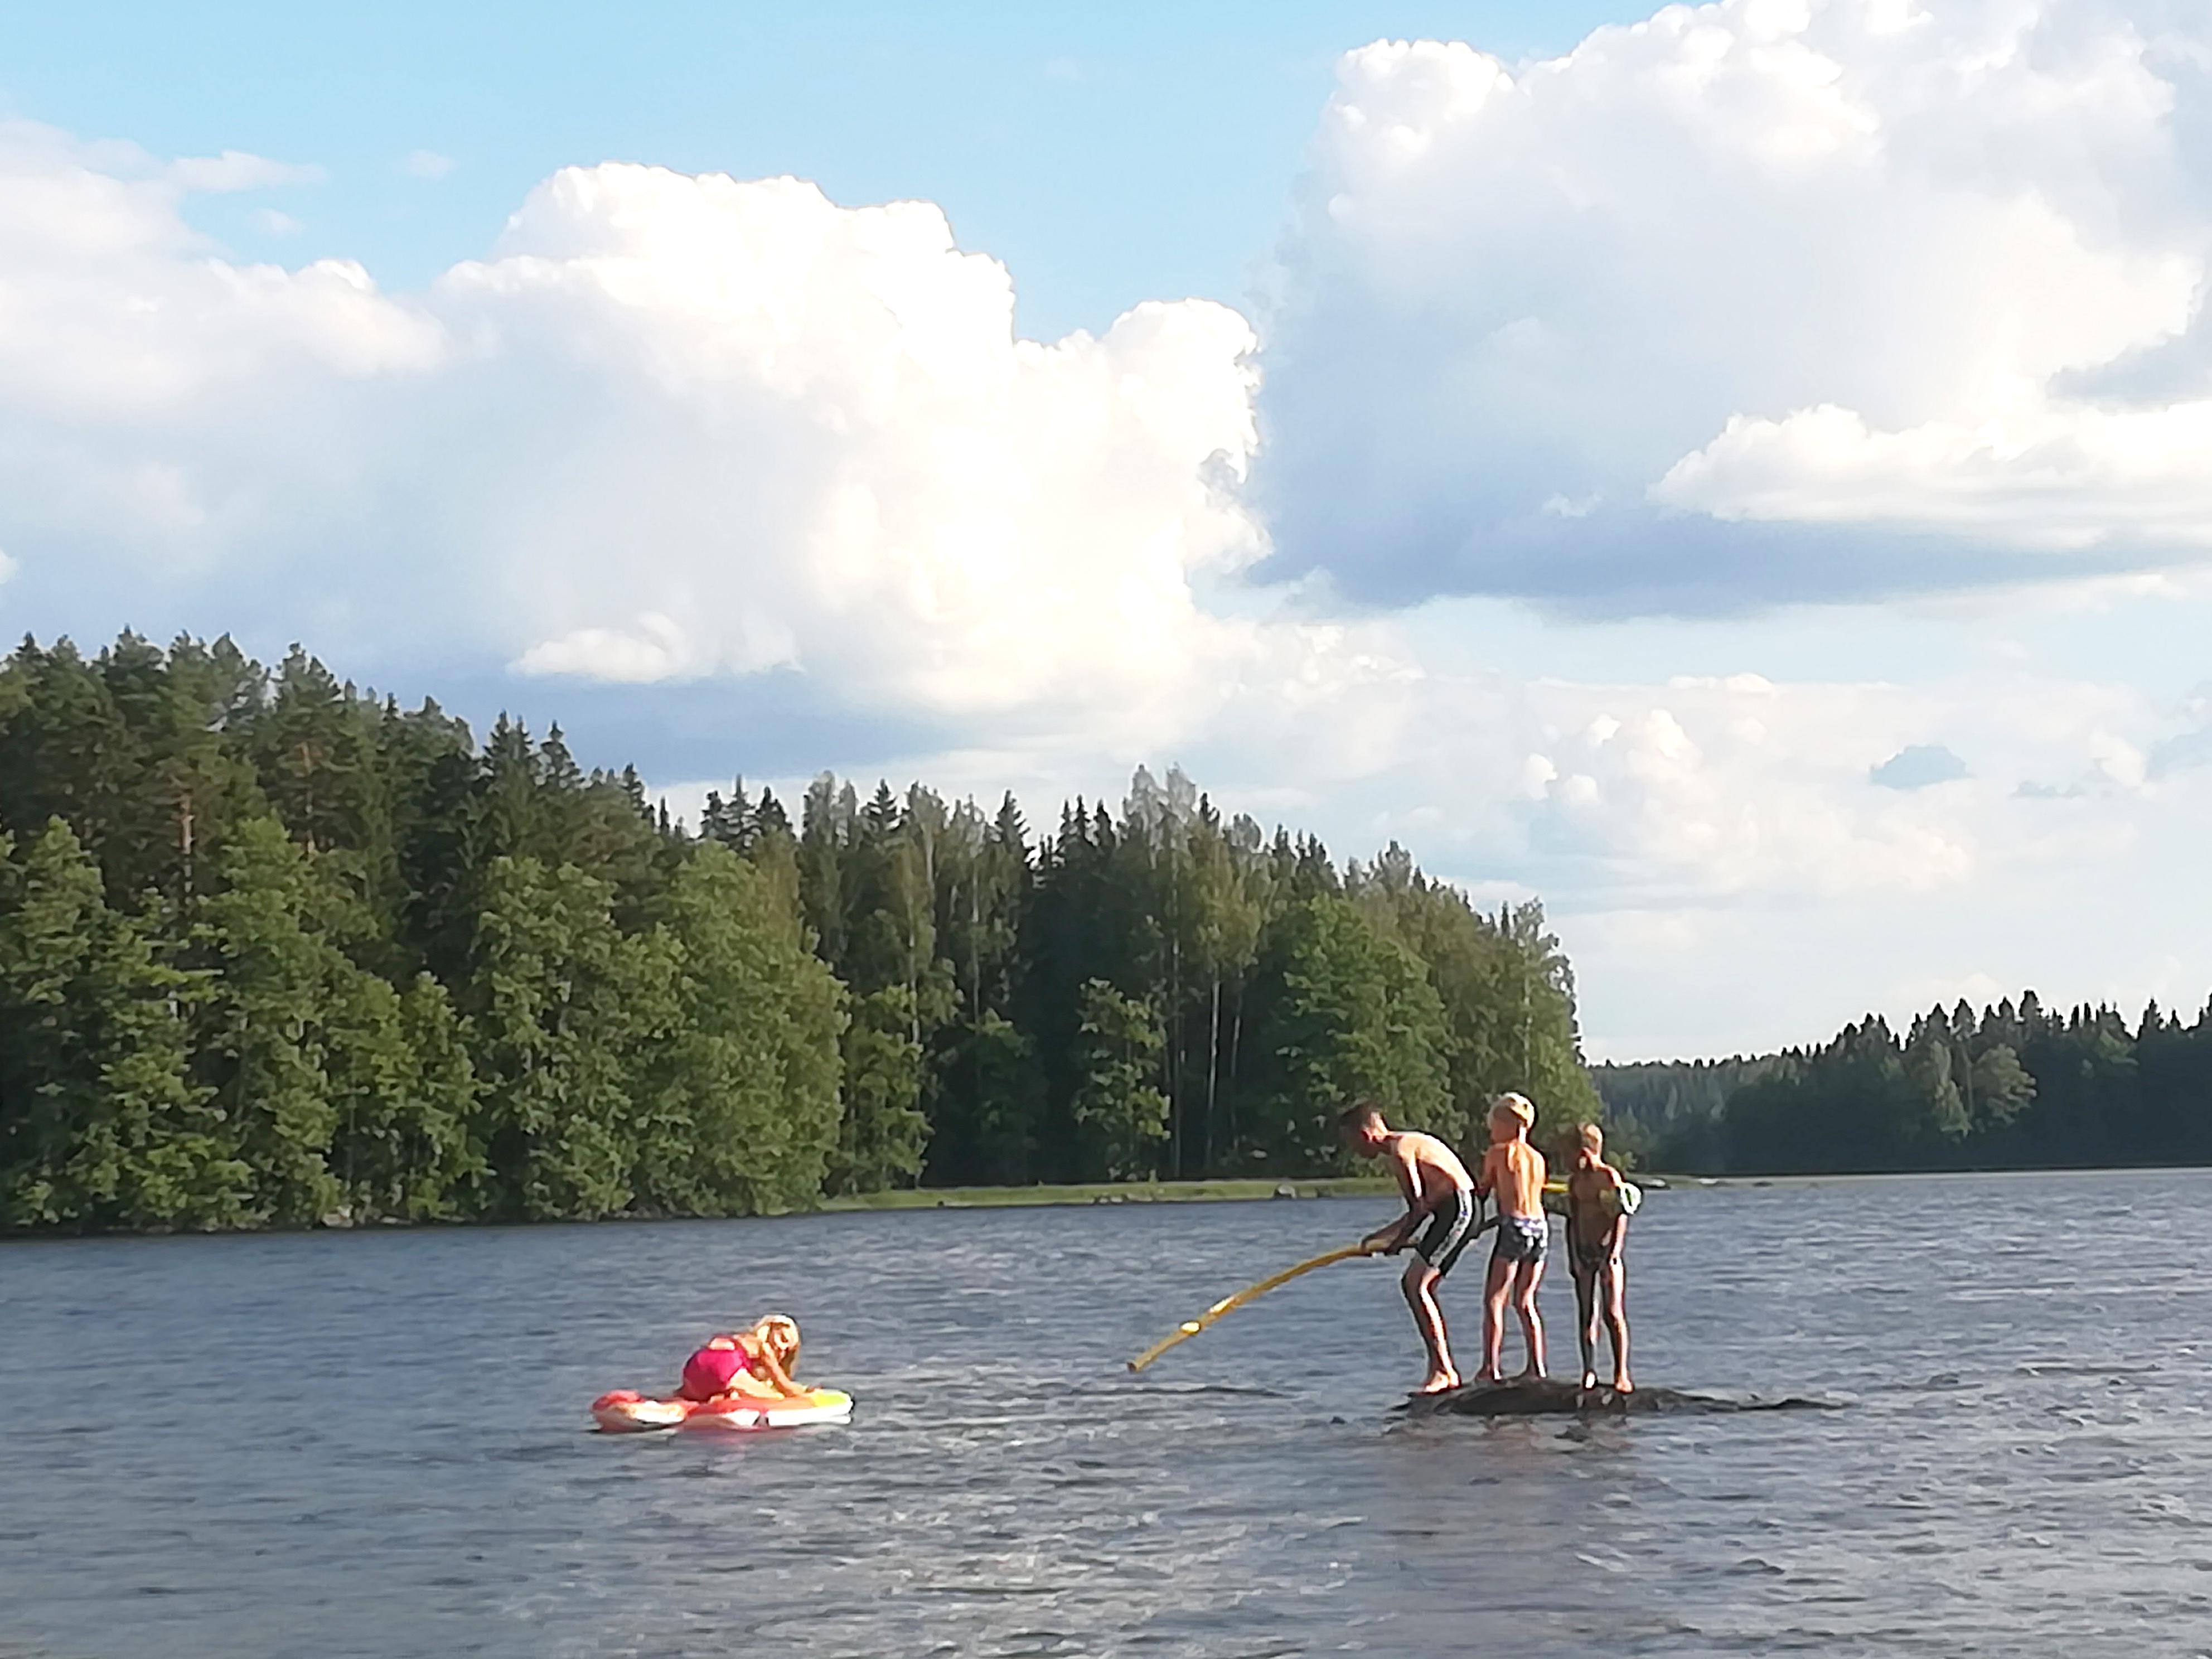 Kesäuimarit Suonojärvellä mökkirannassa. Kuva: Riikka Valkeamäki